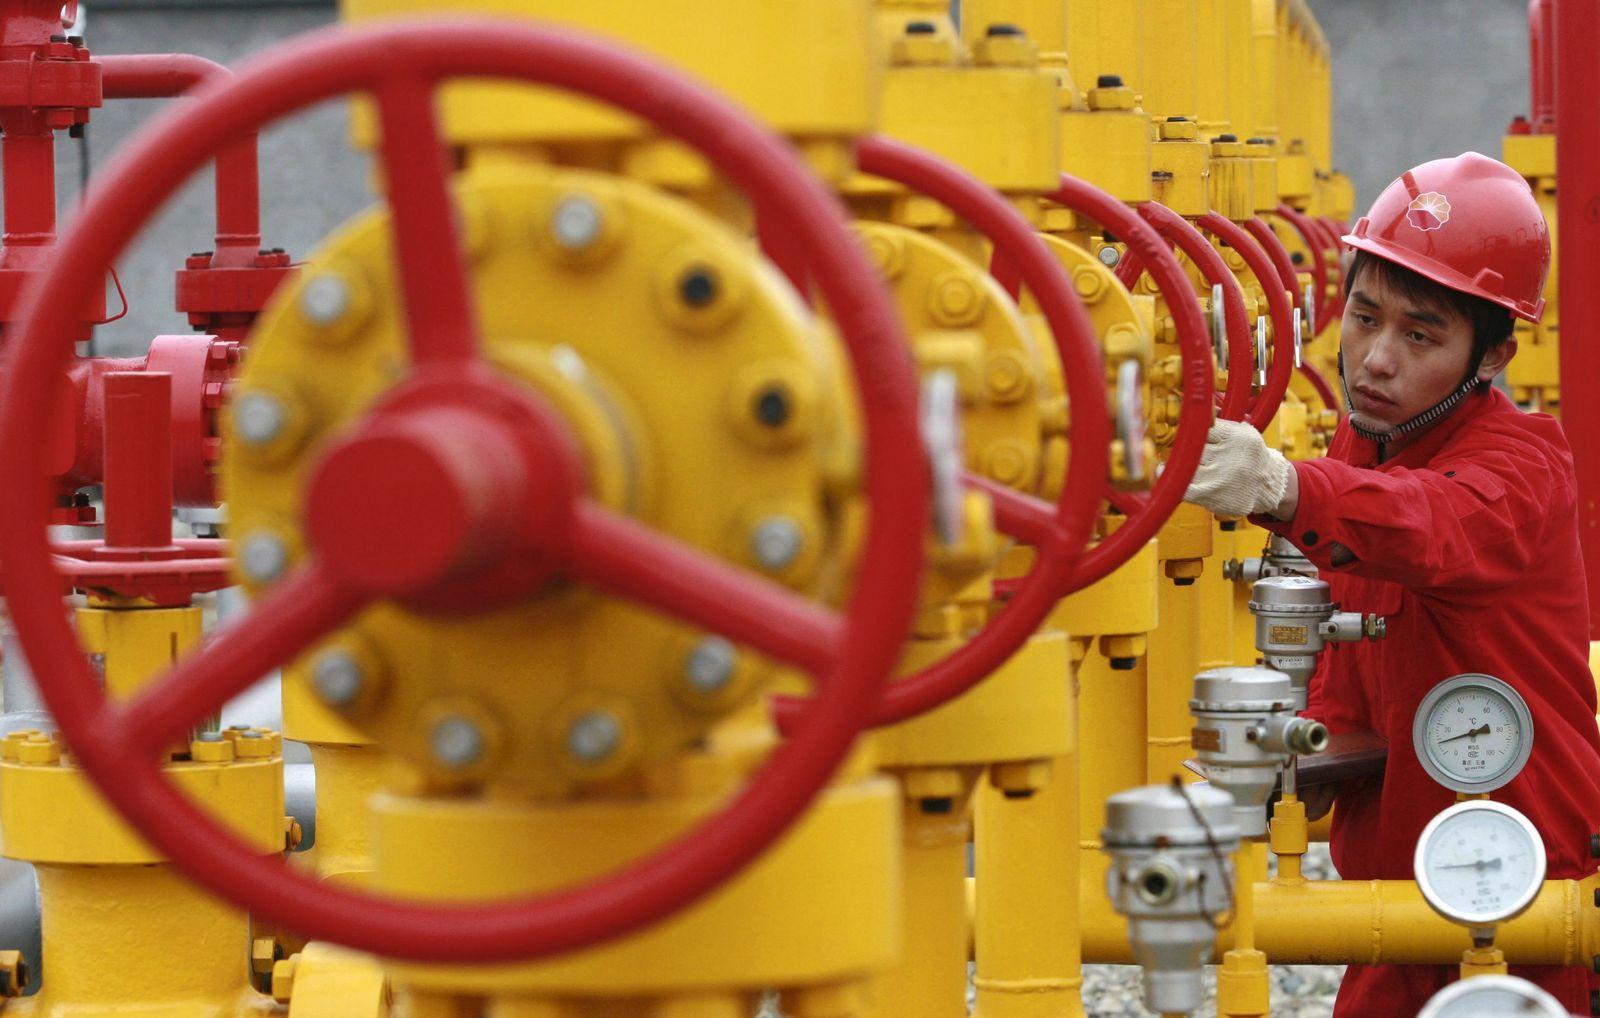 China / Öl / Öl-Preis / Ölfeld / Ölförderung